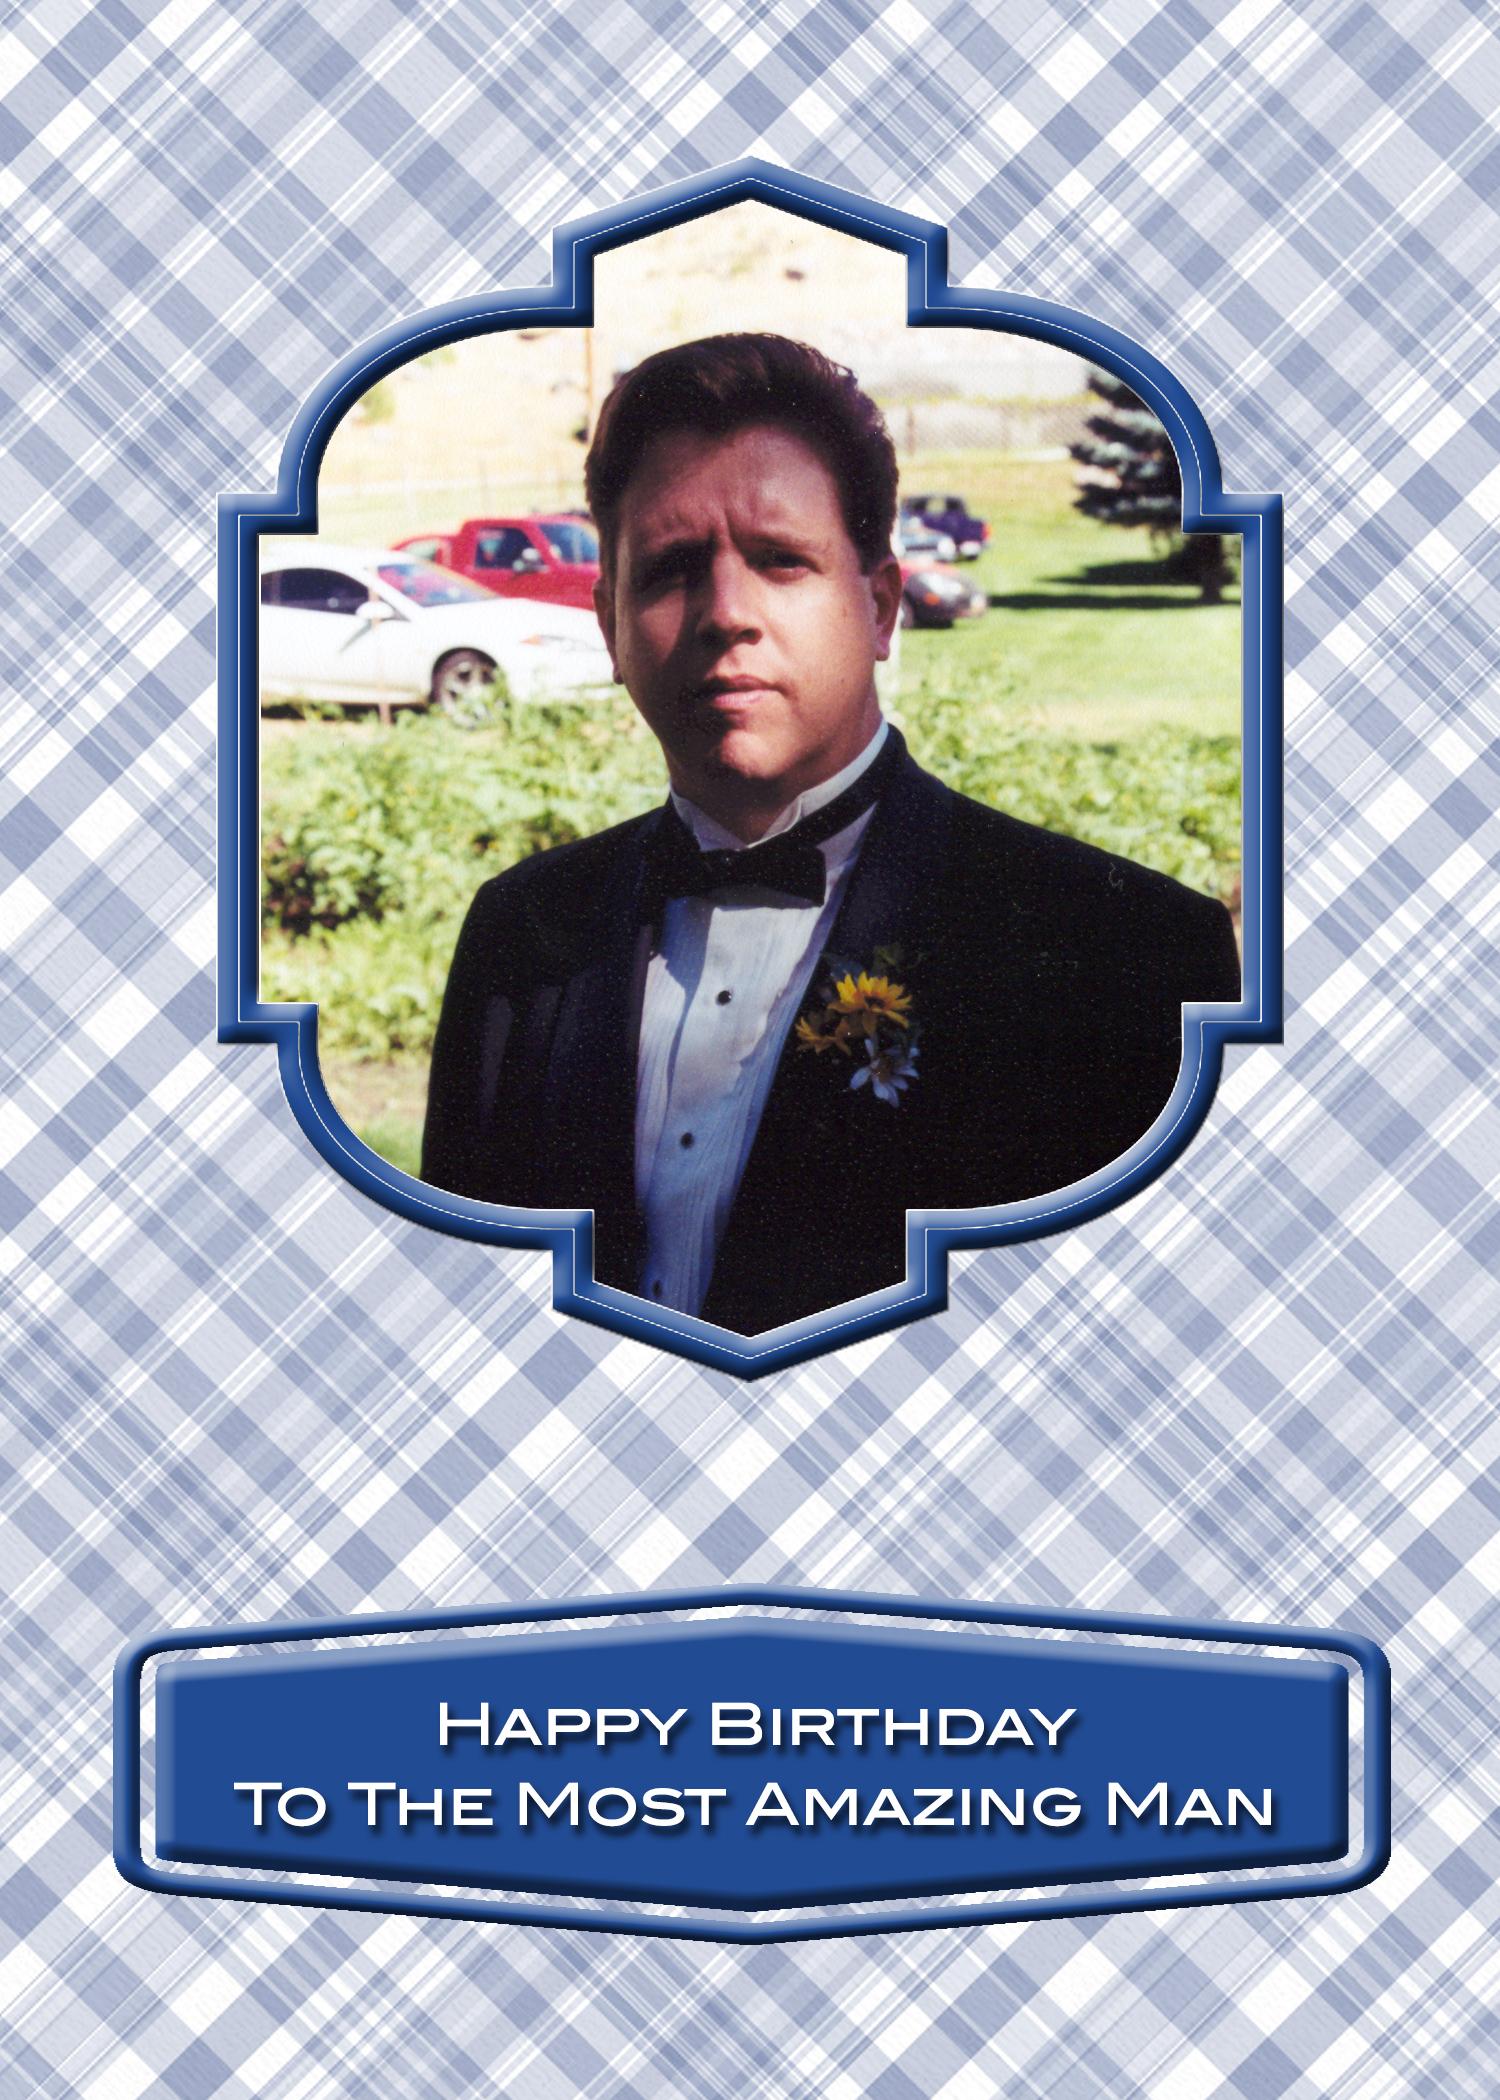 Happy Birthday, Kevin!